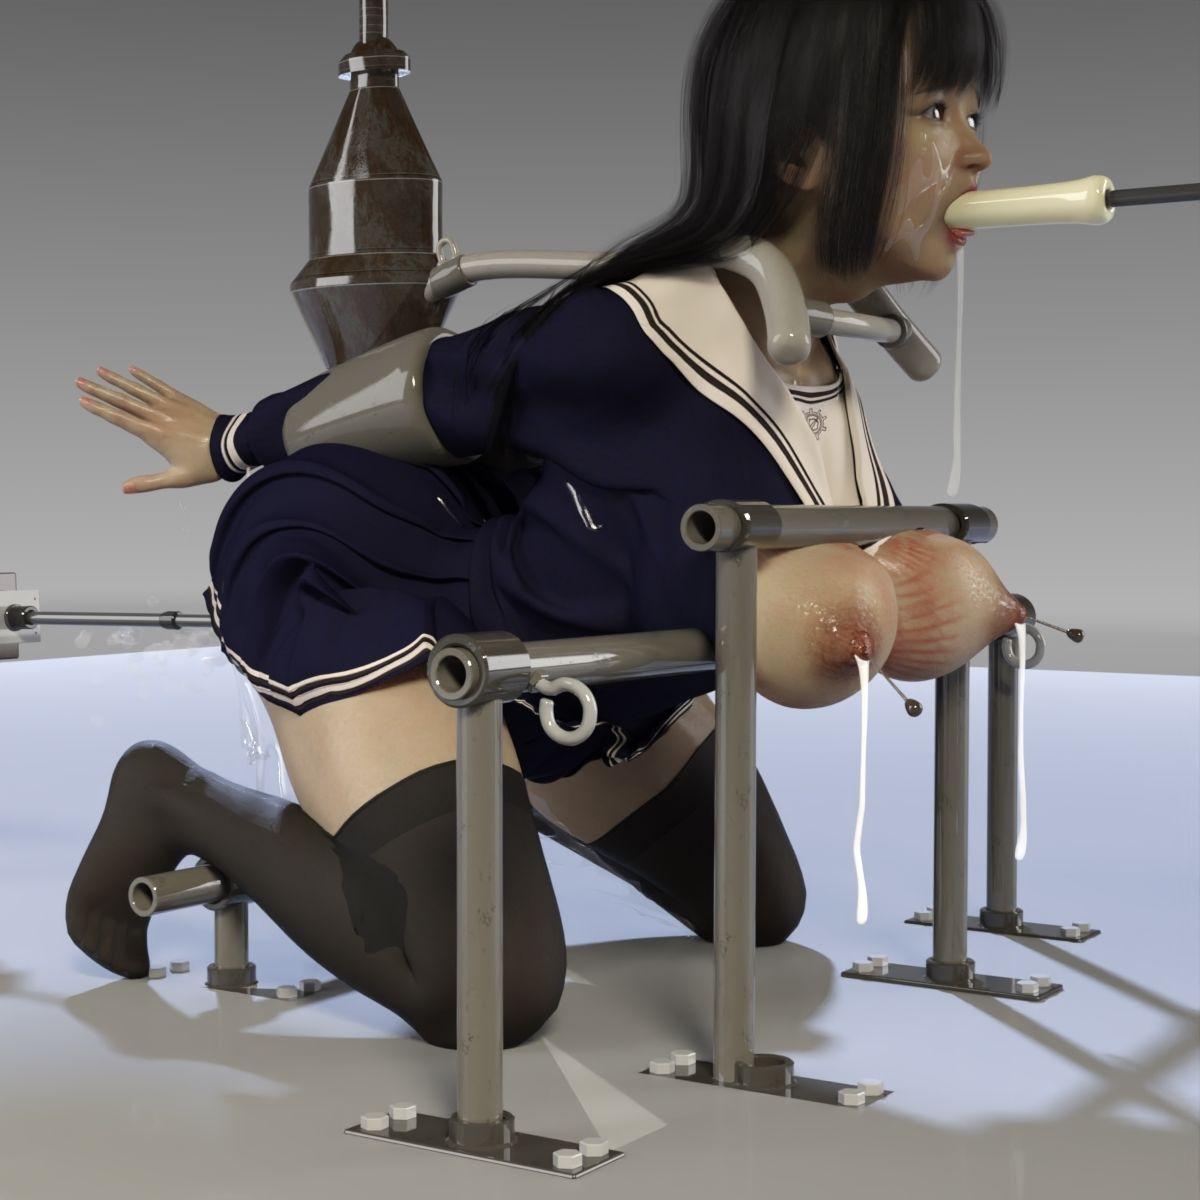 朱里のSF制服拷問のサンプル画像7